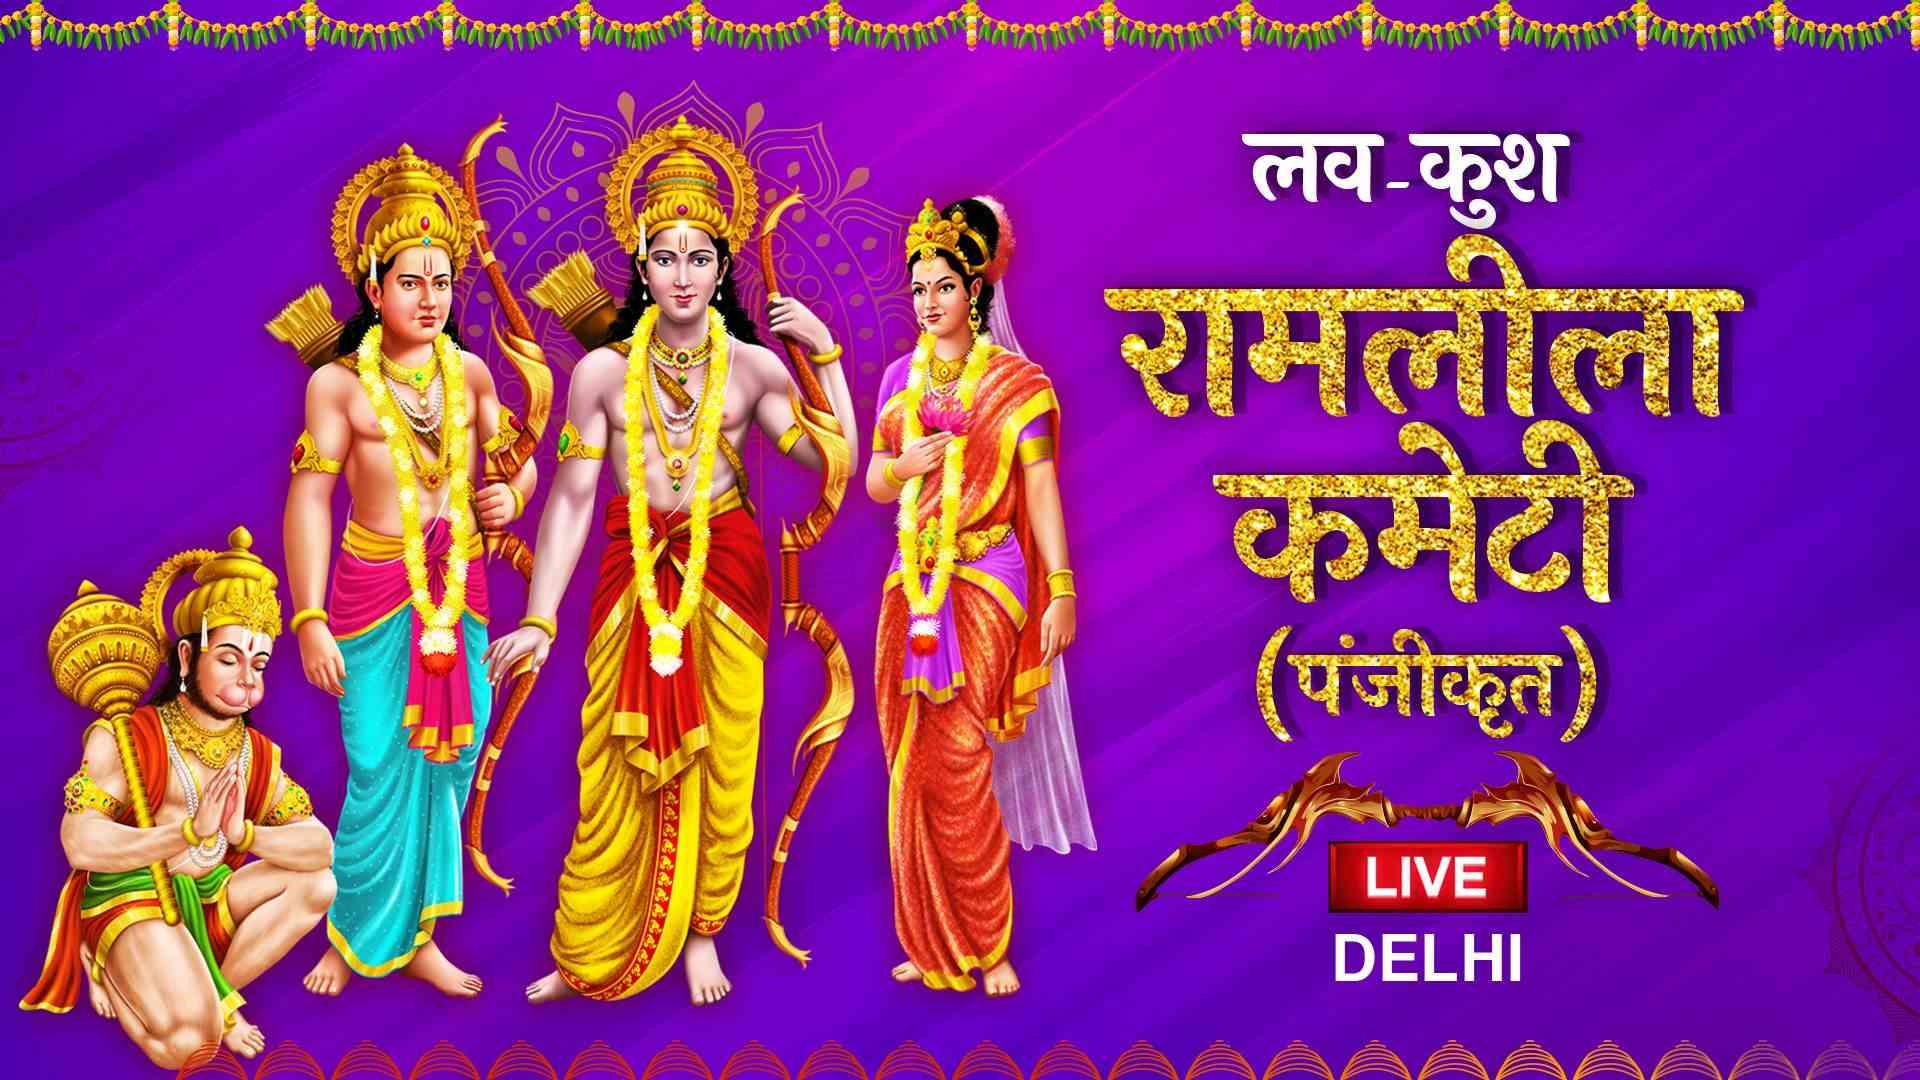 Lav Kush Ramlila from Red Fort Delhi